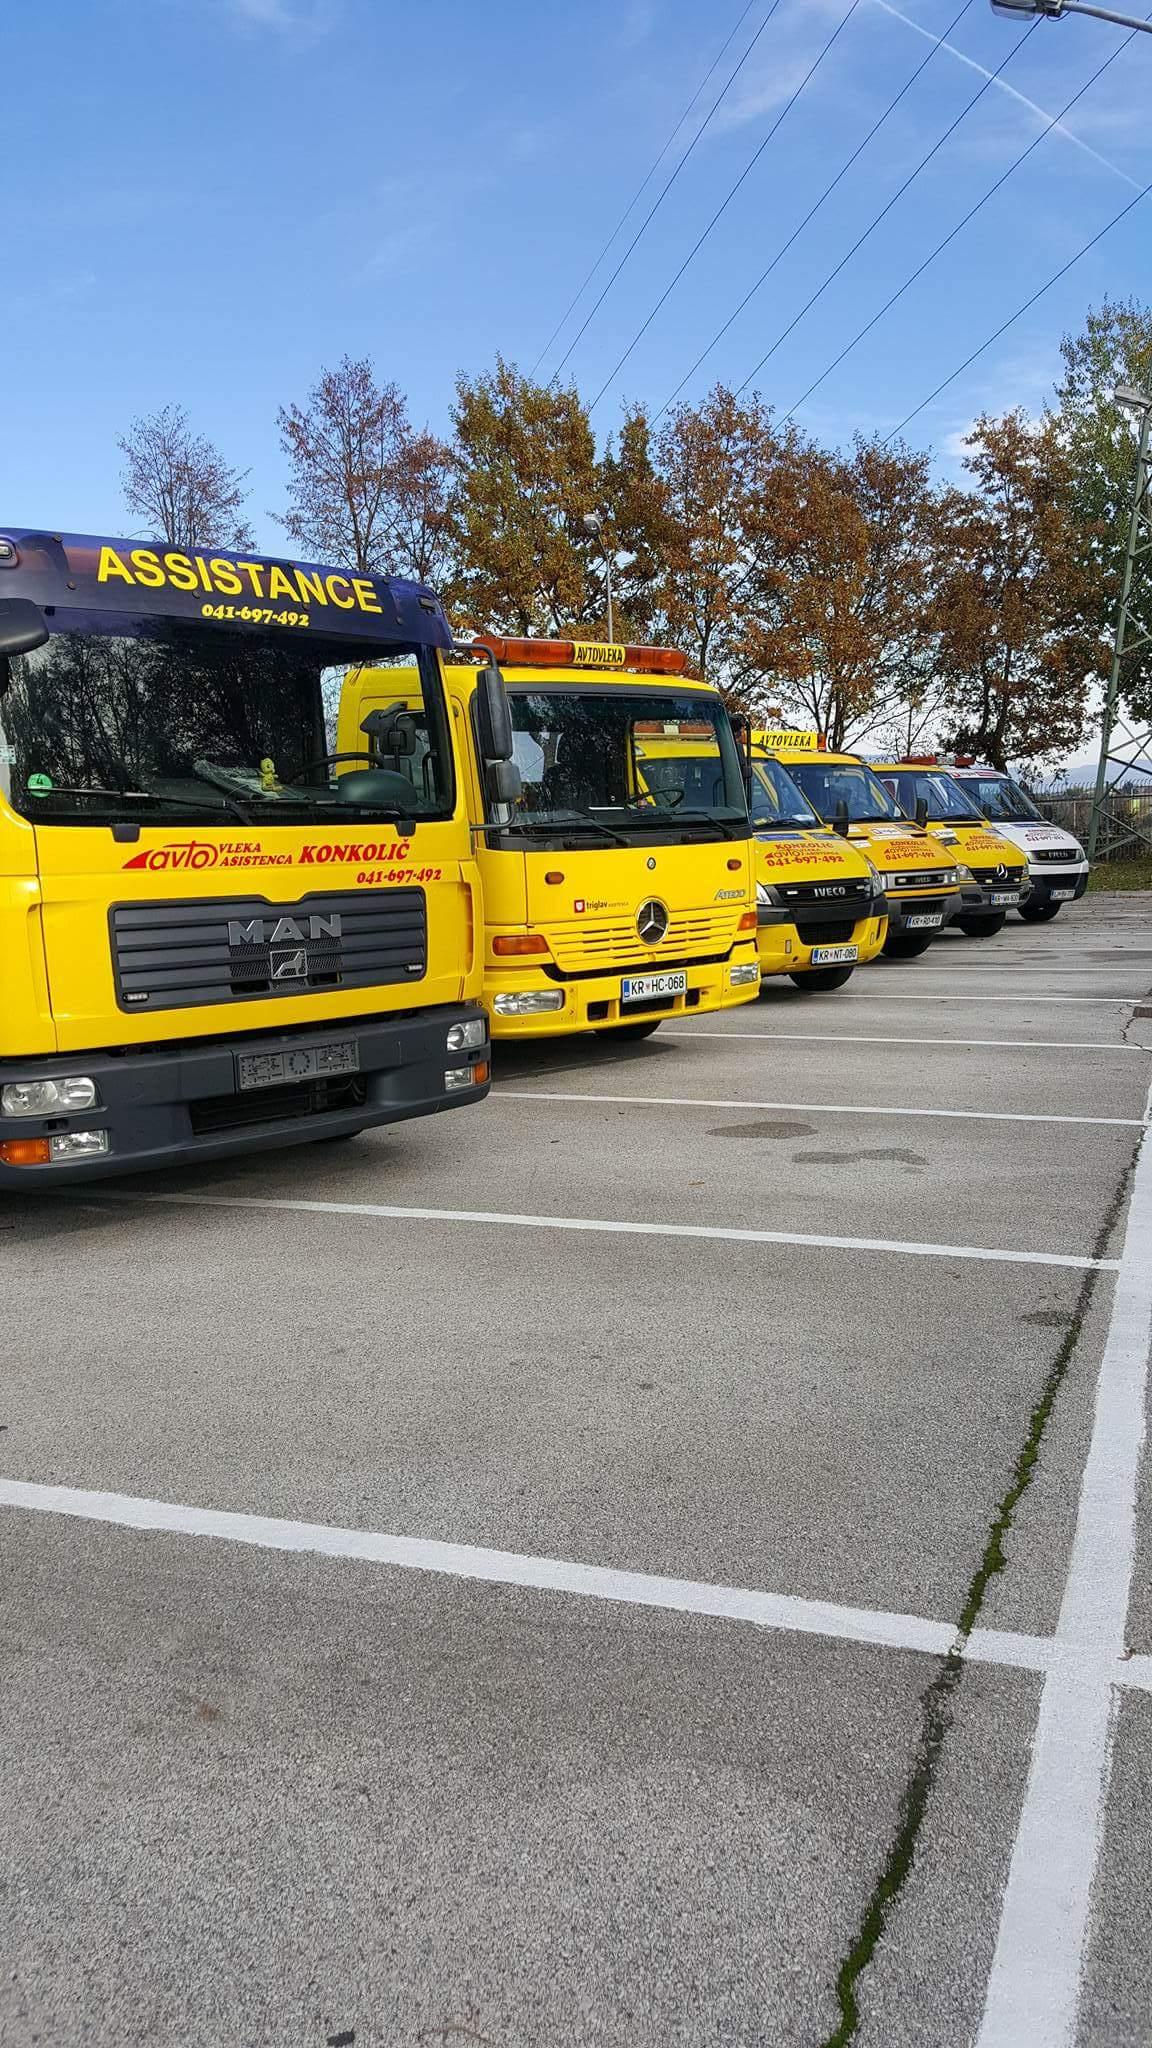 Avtovleka Kranj - Avtoasistenca Konkolič Kranj, Towing Service Kranj, Abschleppdienst Kranj received_10206014331392482